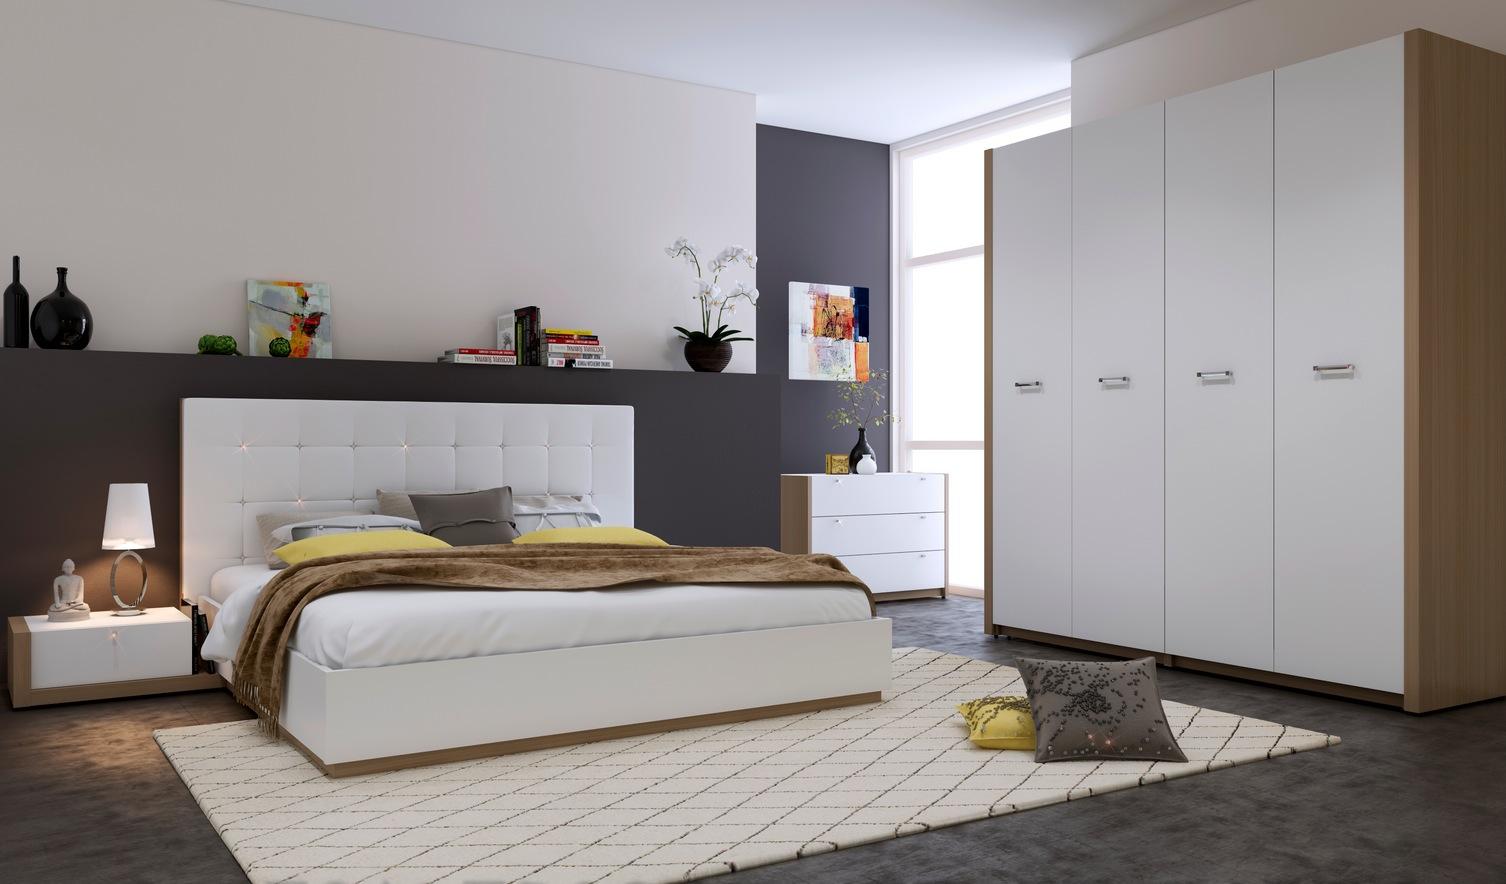 بالصور غرف نوم بيضاء , الابيض في غرفه نوم اجمل 1339 8